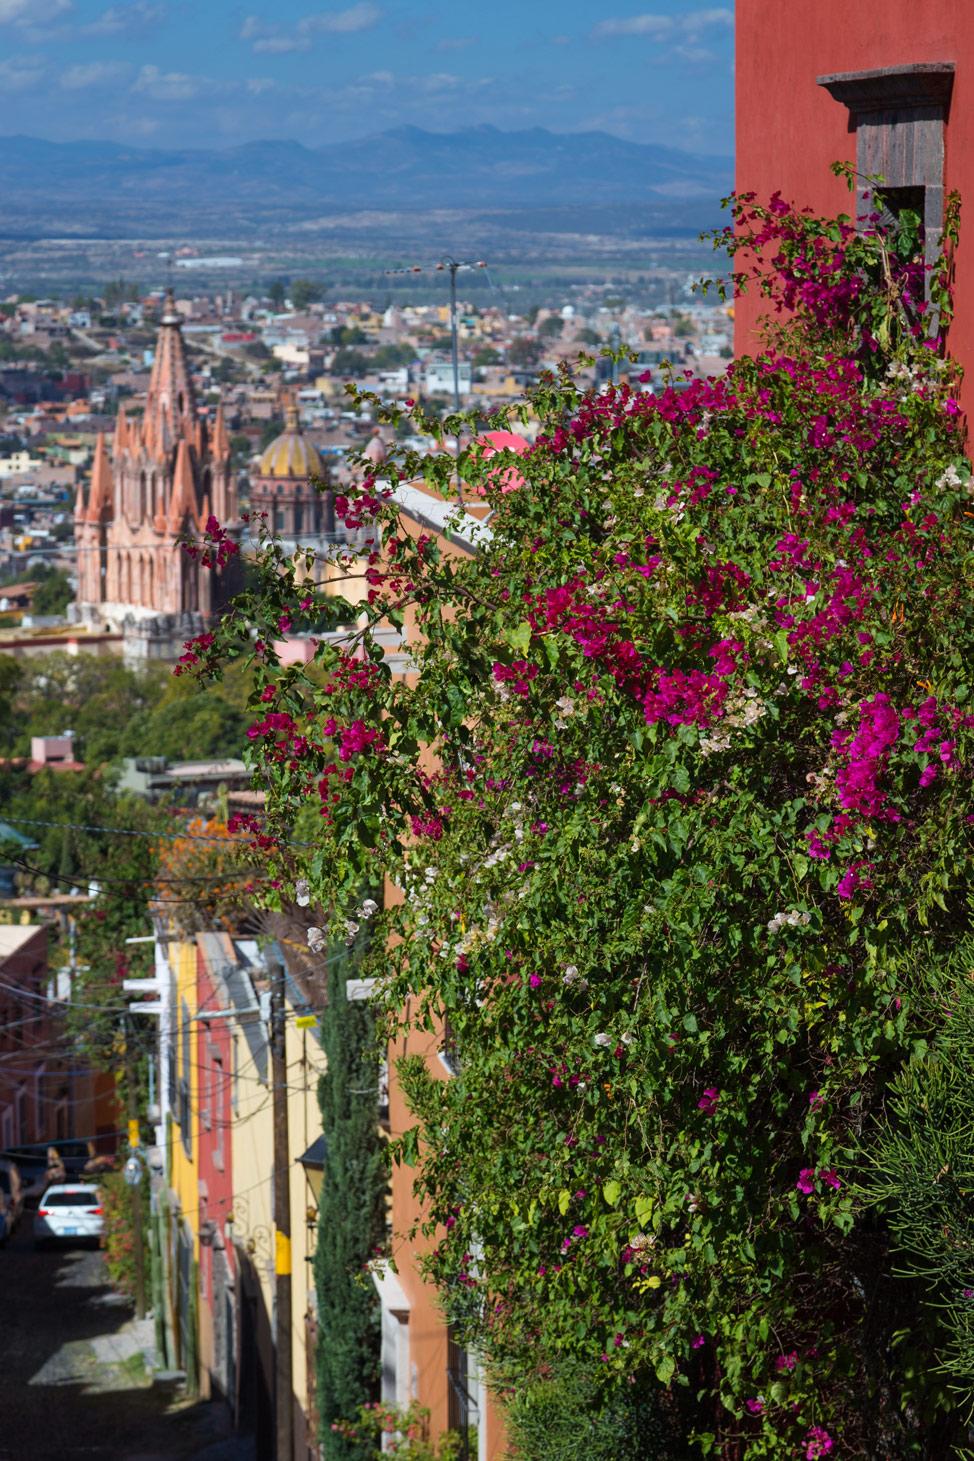 La Parroquia San Miguel de Allende - Flowers